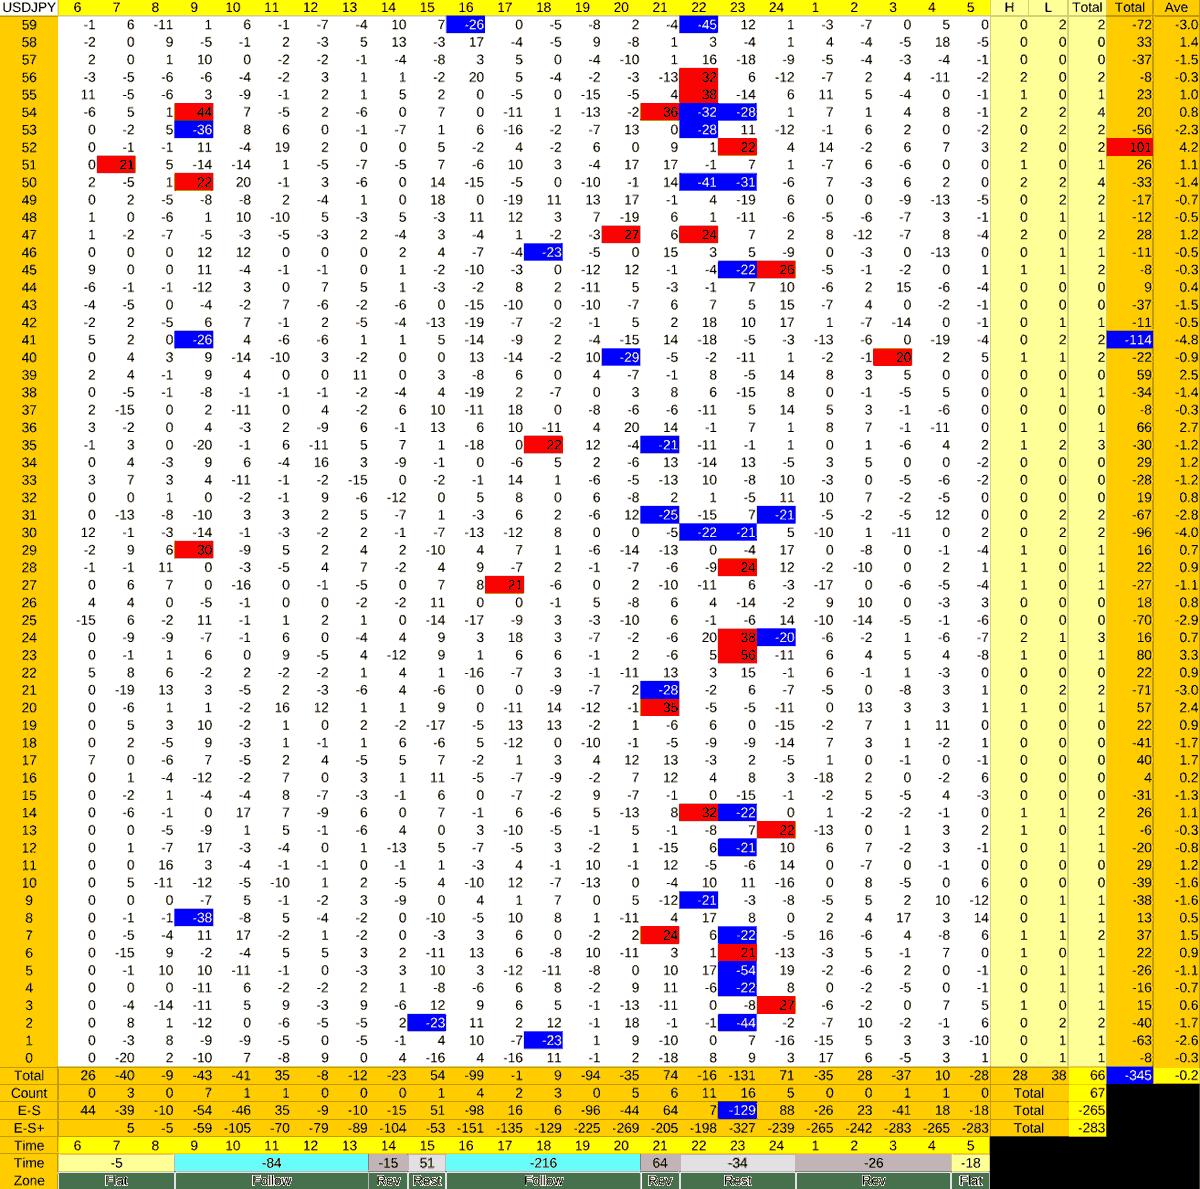 20210706_HS(1)USDJPY-min